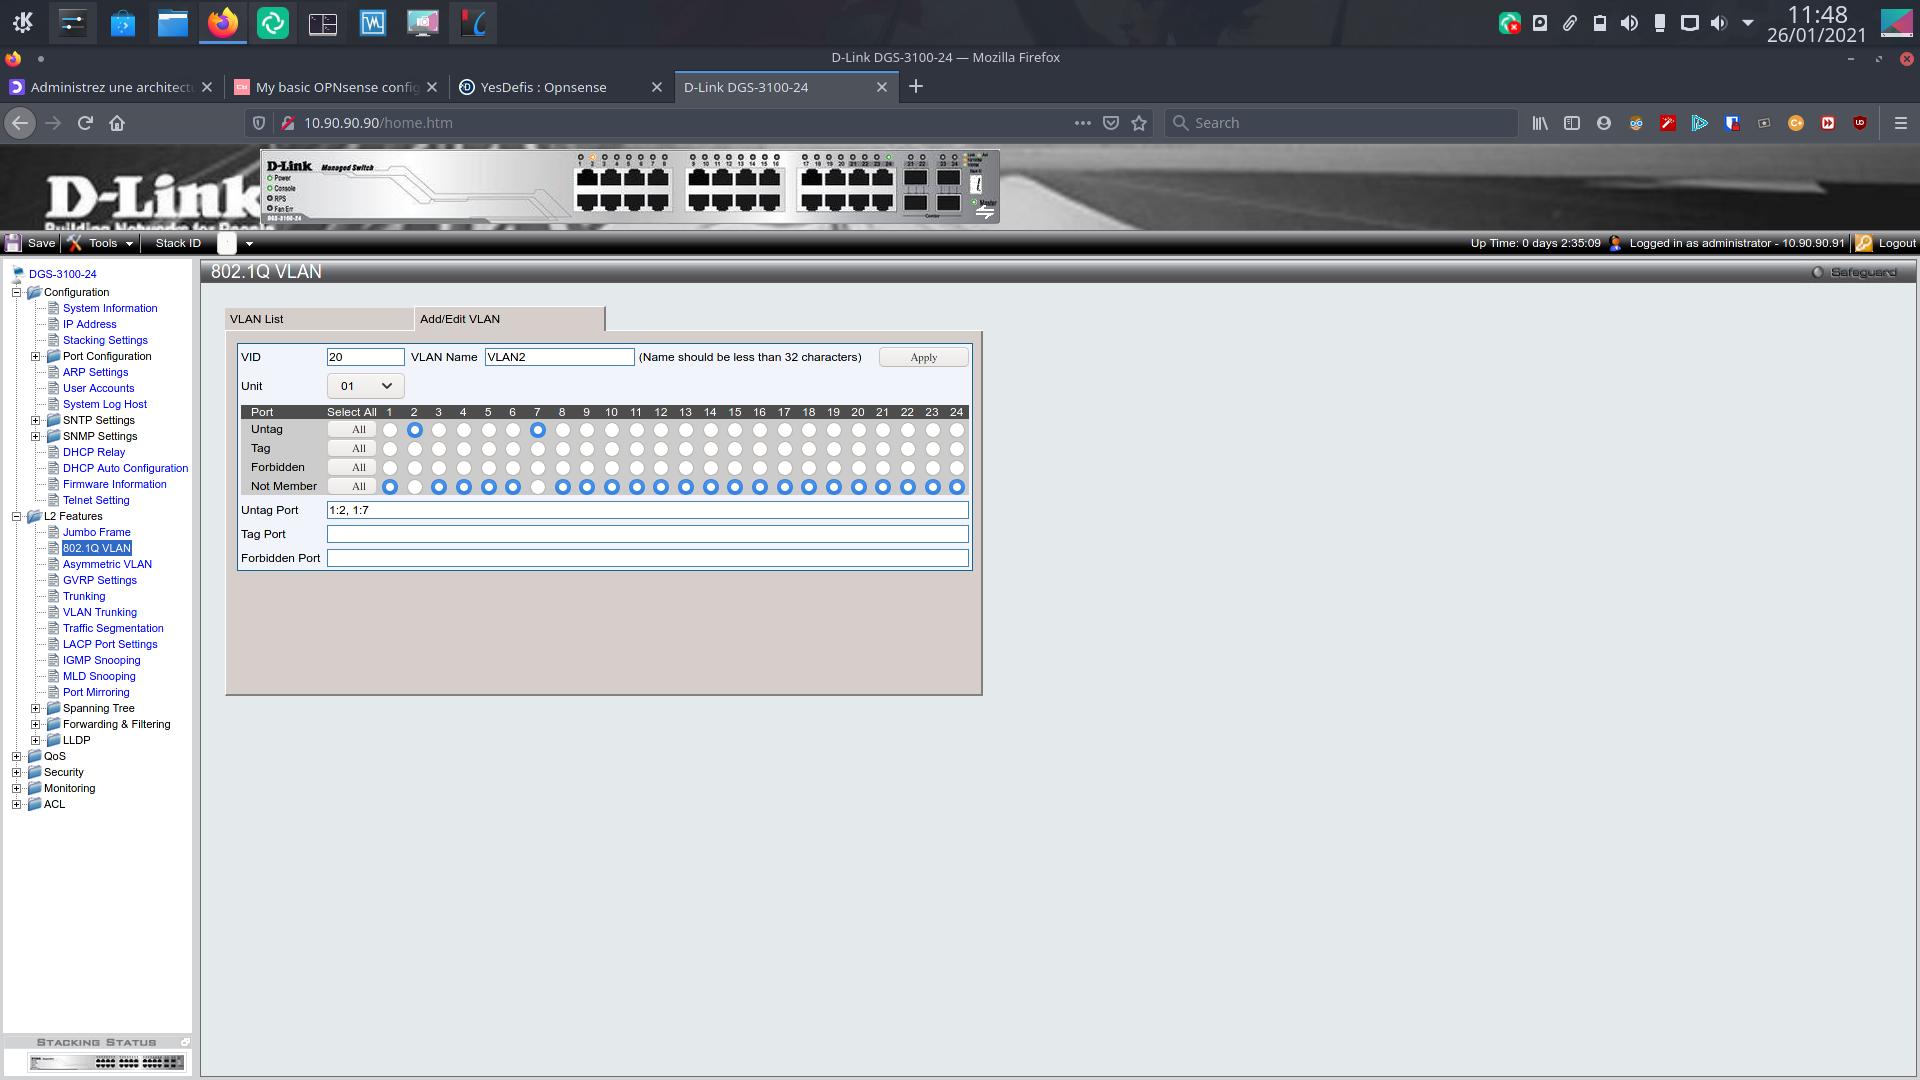 image Configuration_VLAN2_D_Link.png (0.3MB)